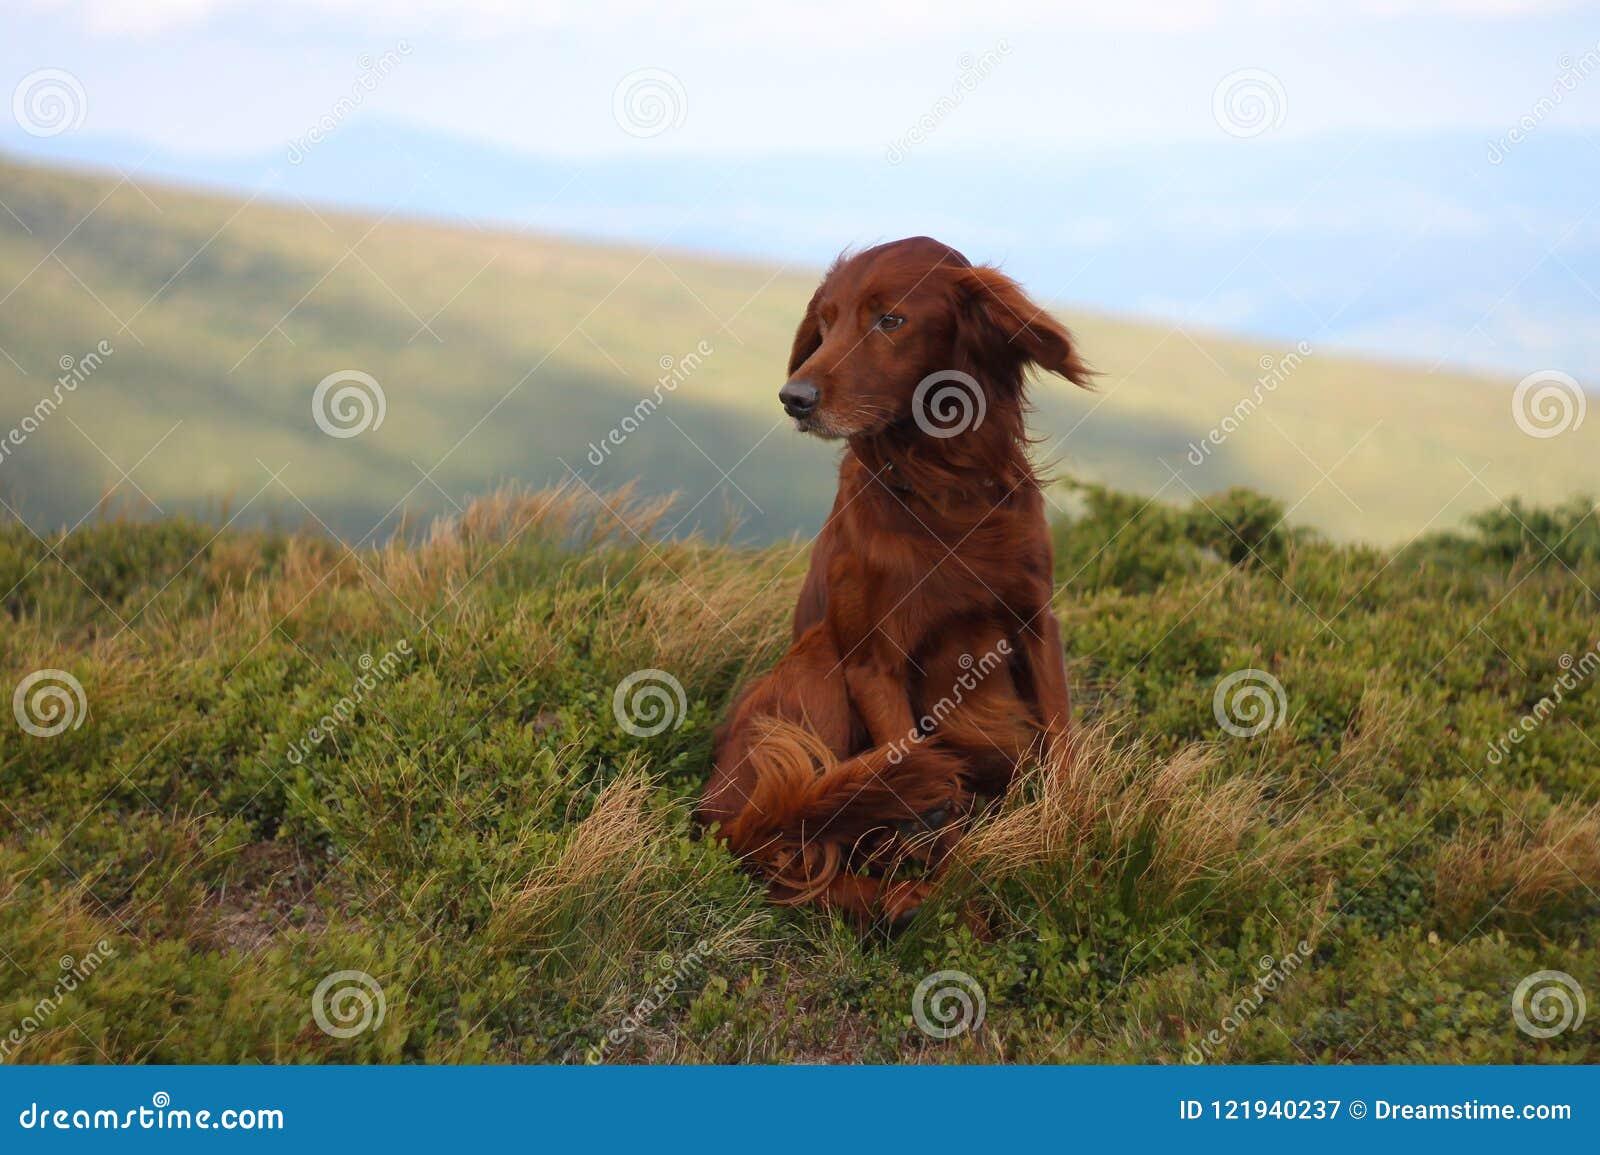 Animal familier à la maison, poseur irlandais, dans les montagnes, chien, mon chien, mon chien préféré